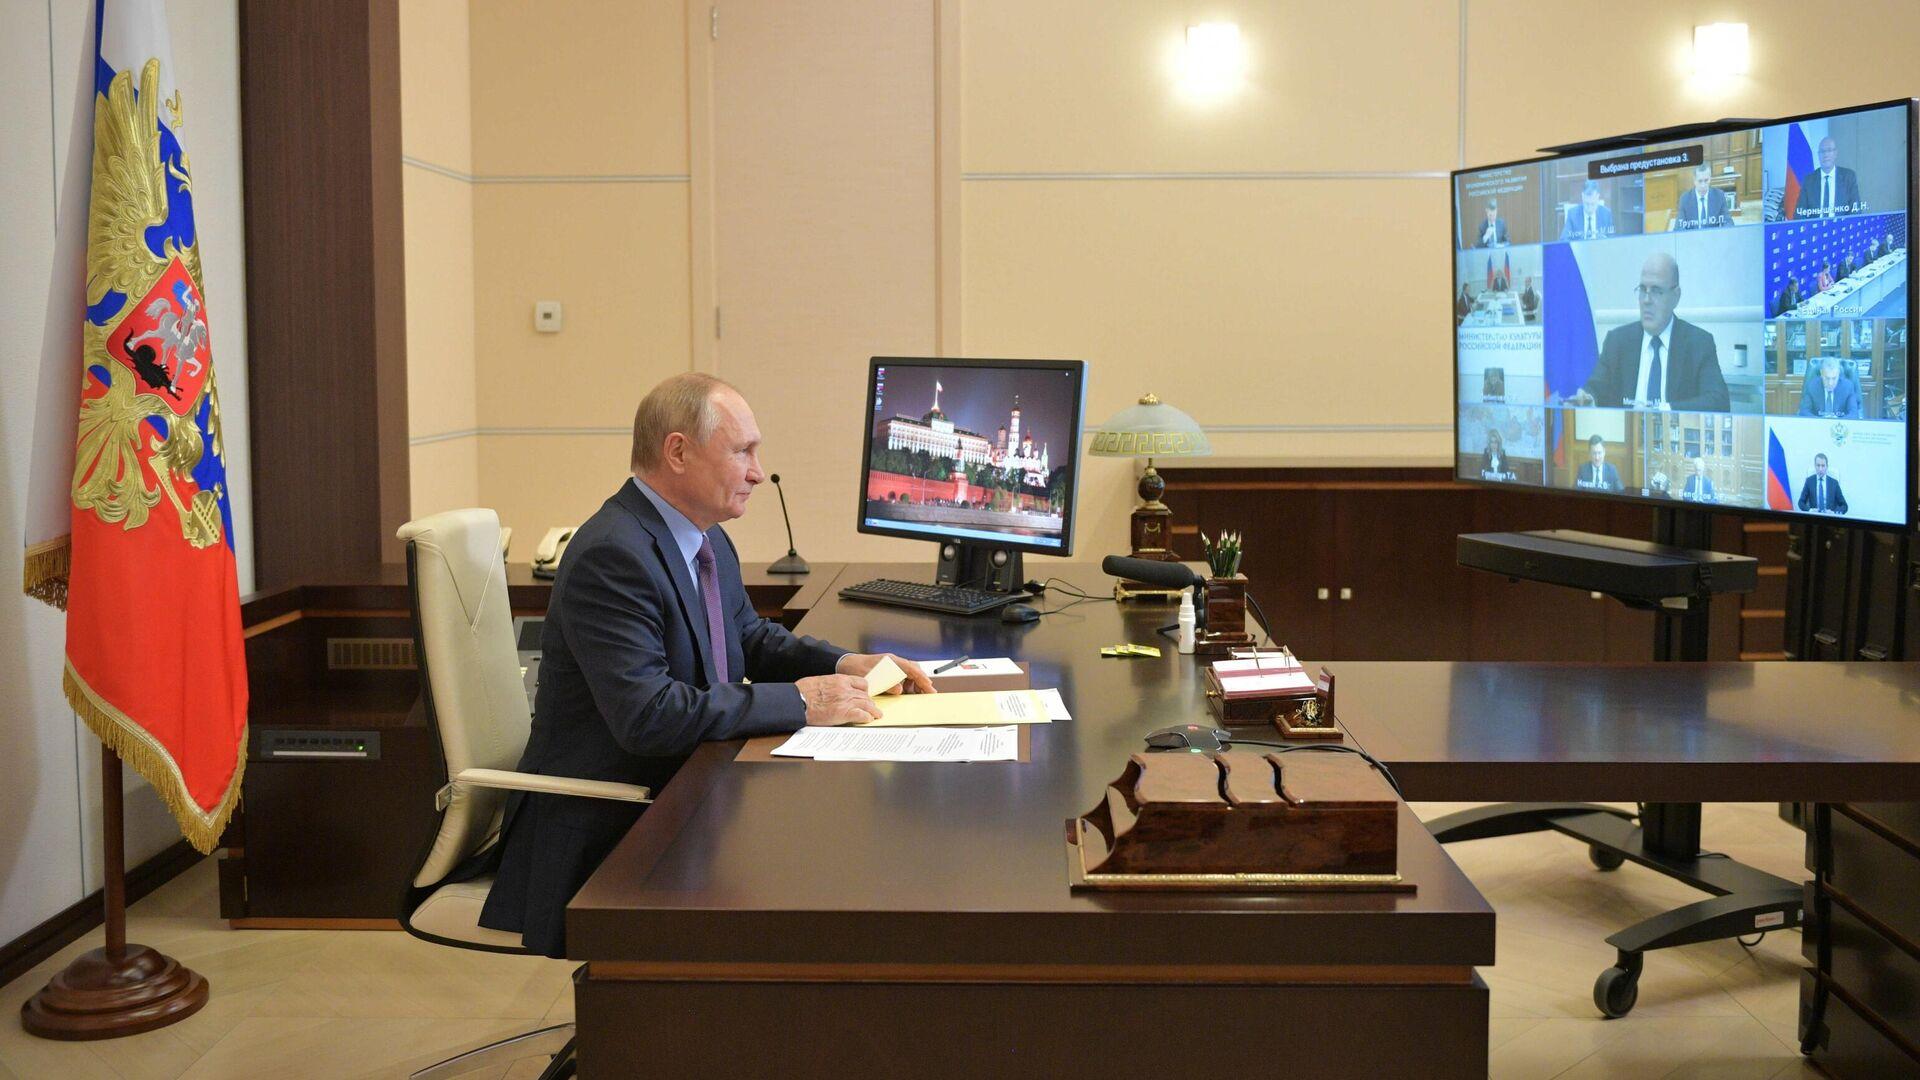 Президент РФ Владимир Путин  в режиме видеоконференции проводит совещание с членами правительства РФ и руководством партии Единая Россия - РИА Новости, 1920, 14.09.2021